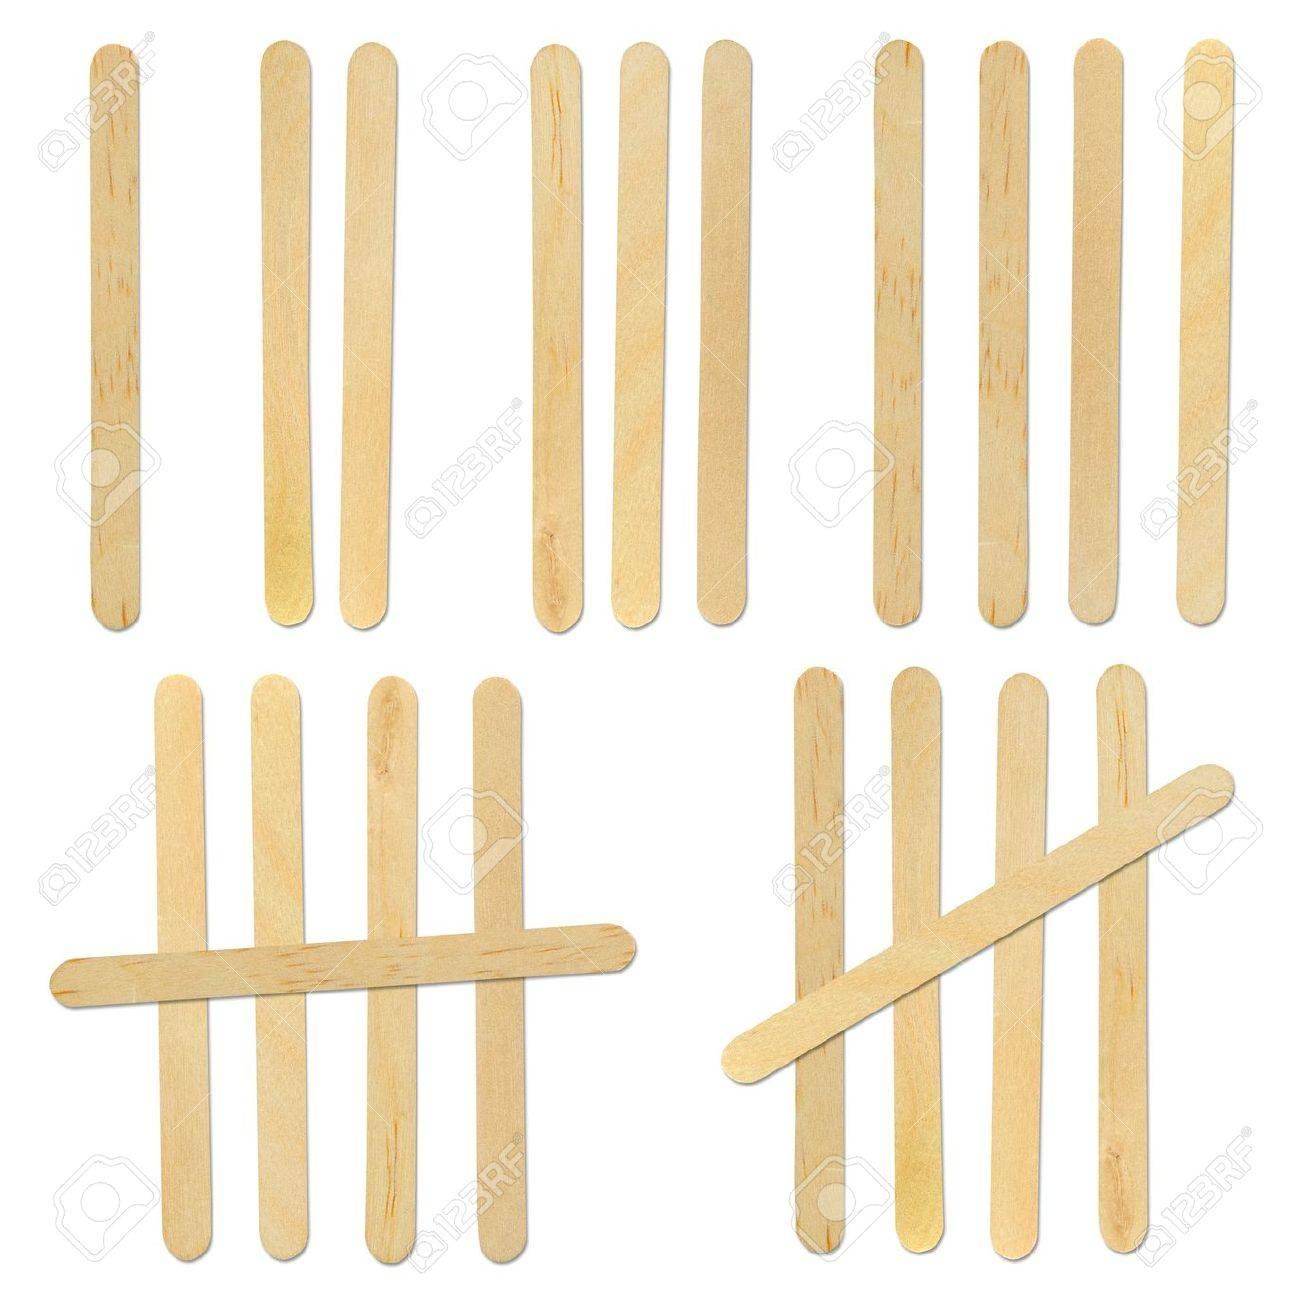 wood ice-cream stick isolated on white background Stock Photo - 10196719